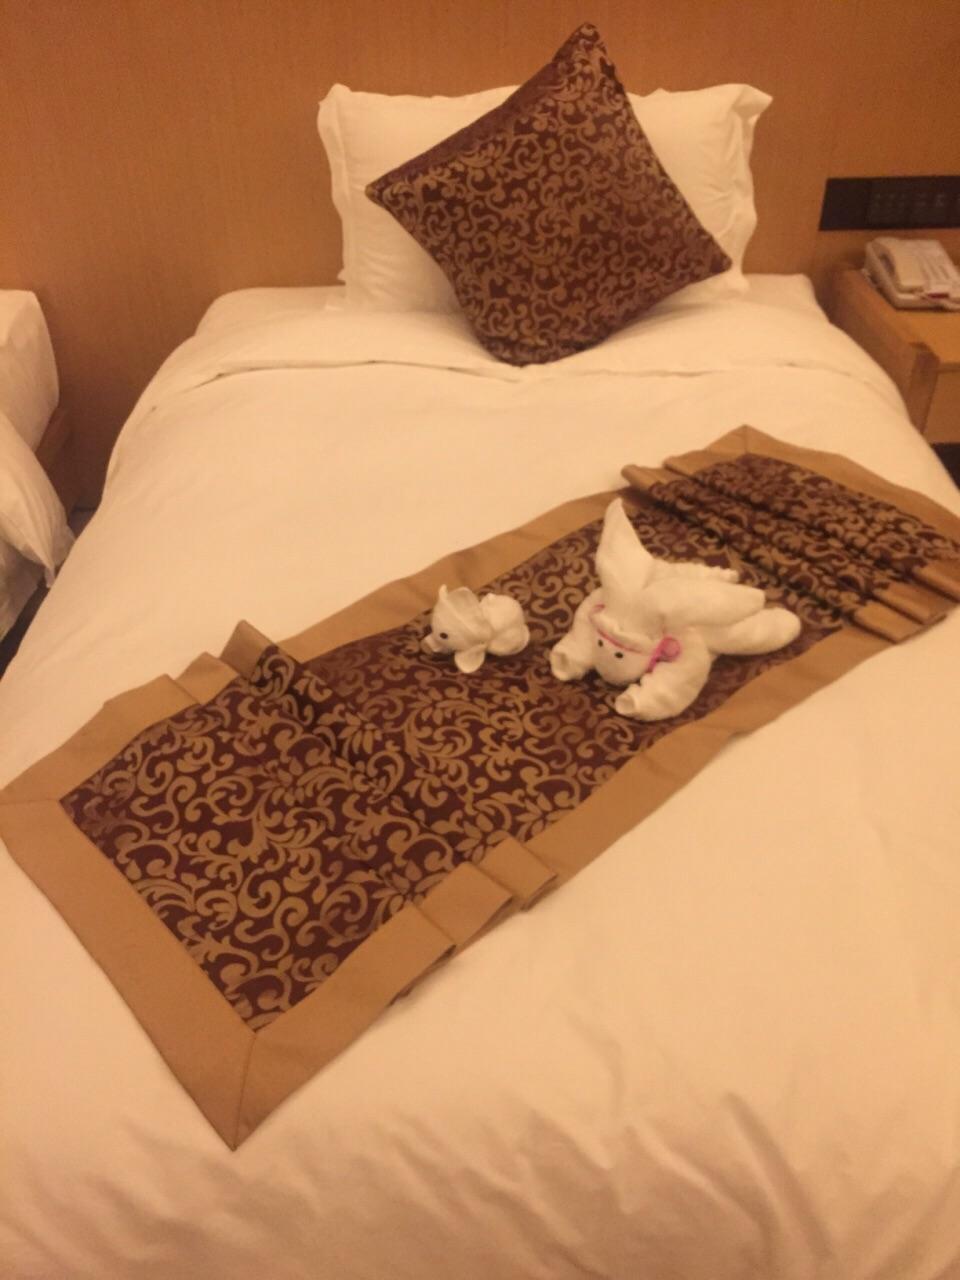 酒店的房间干净卫生,毛巾折叠的小动物超级可爱,另外还赠送宵夜,感到